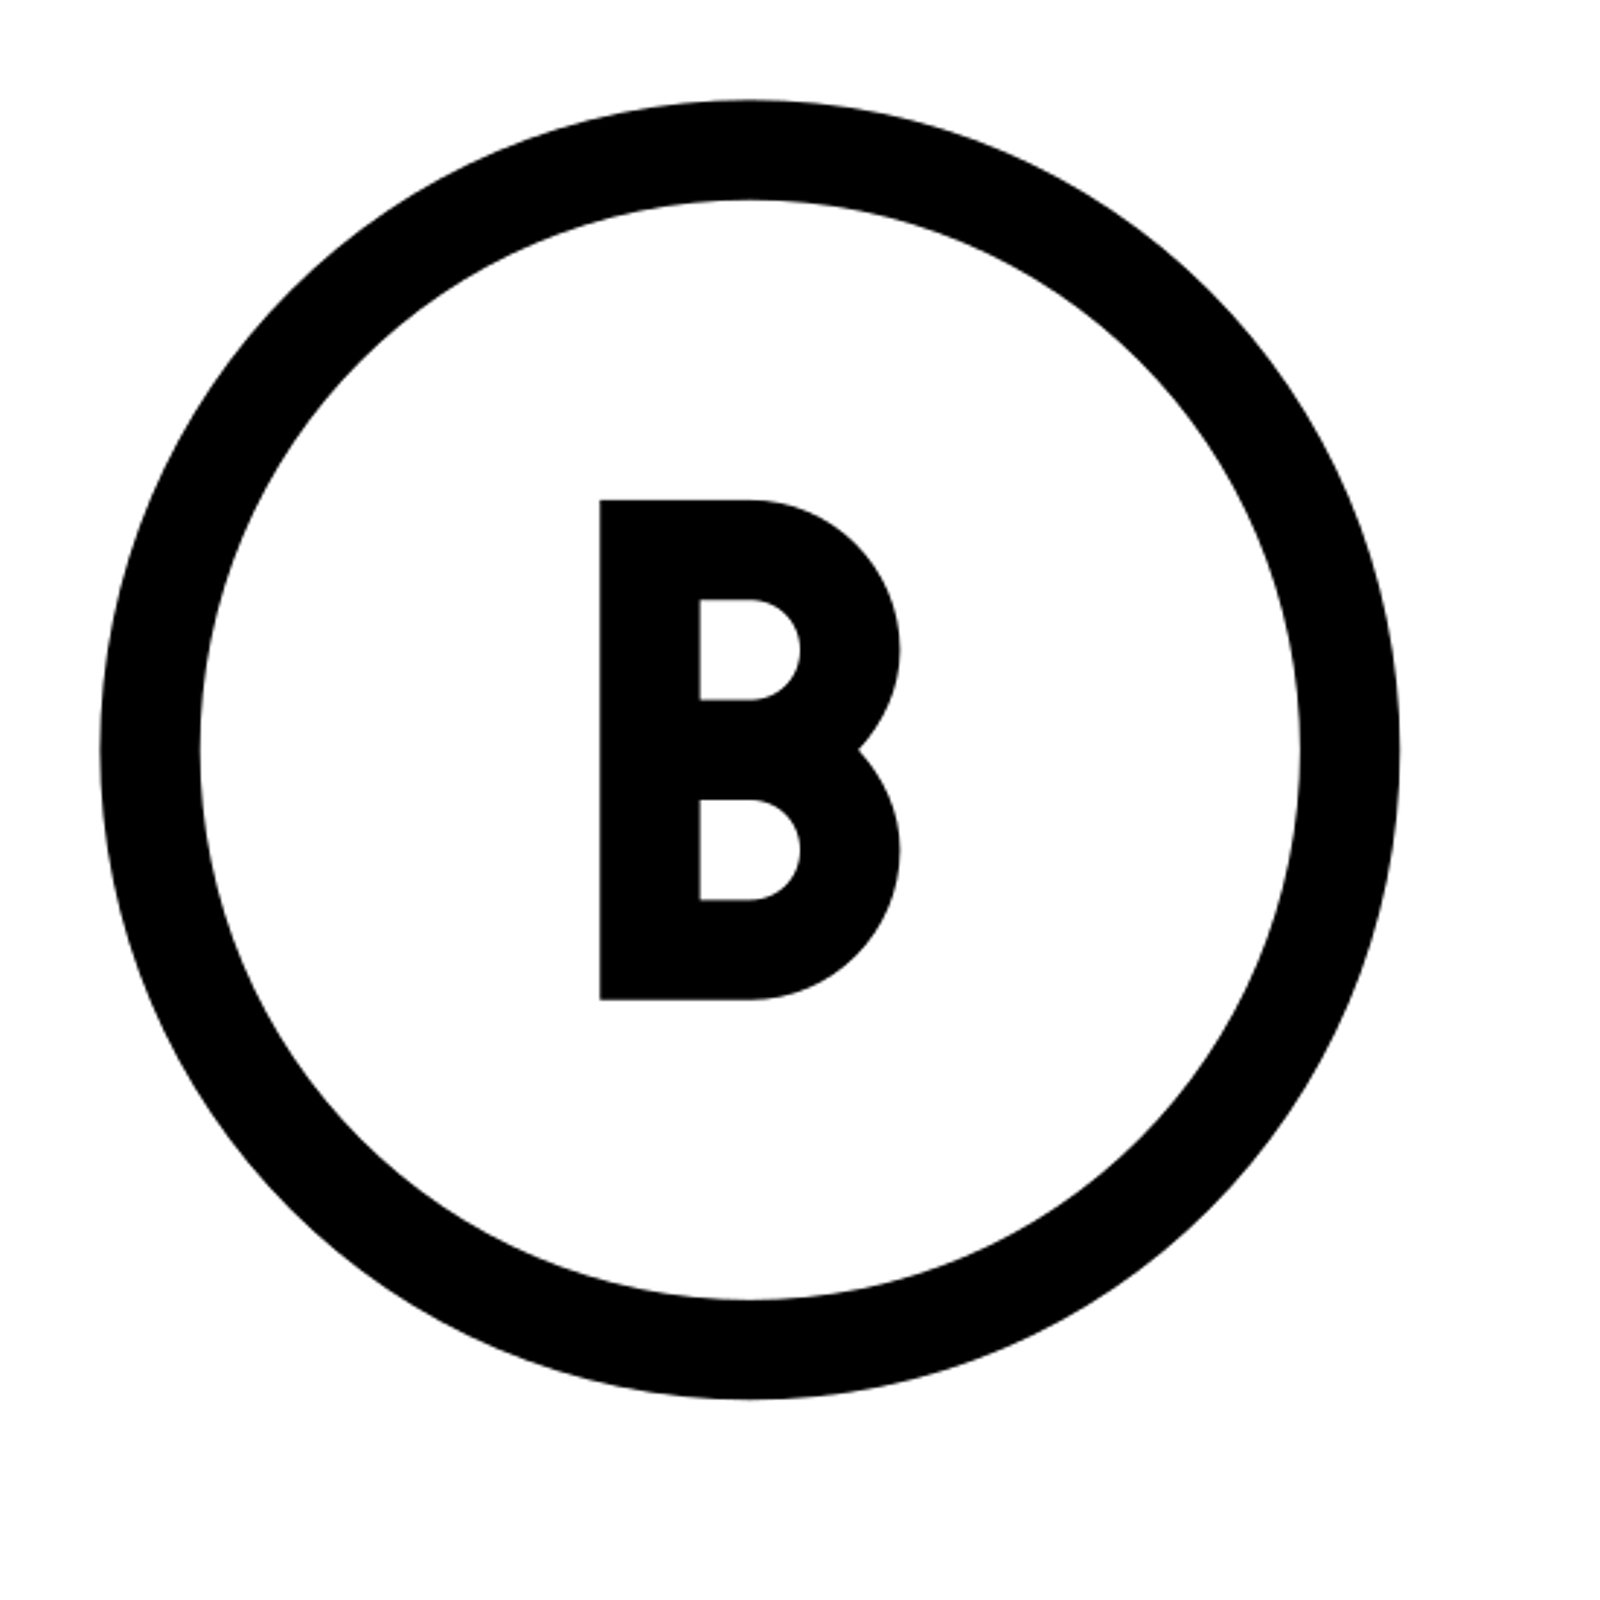 Circled B icon